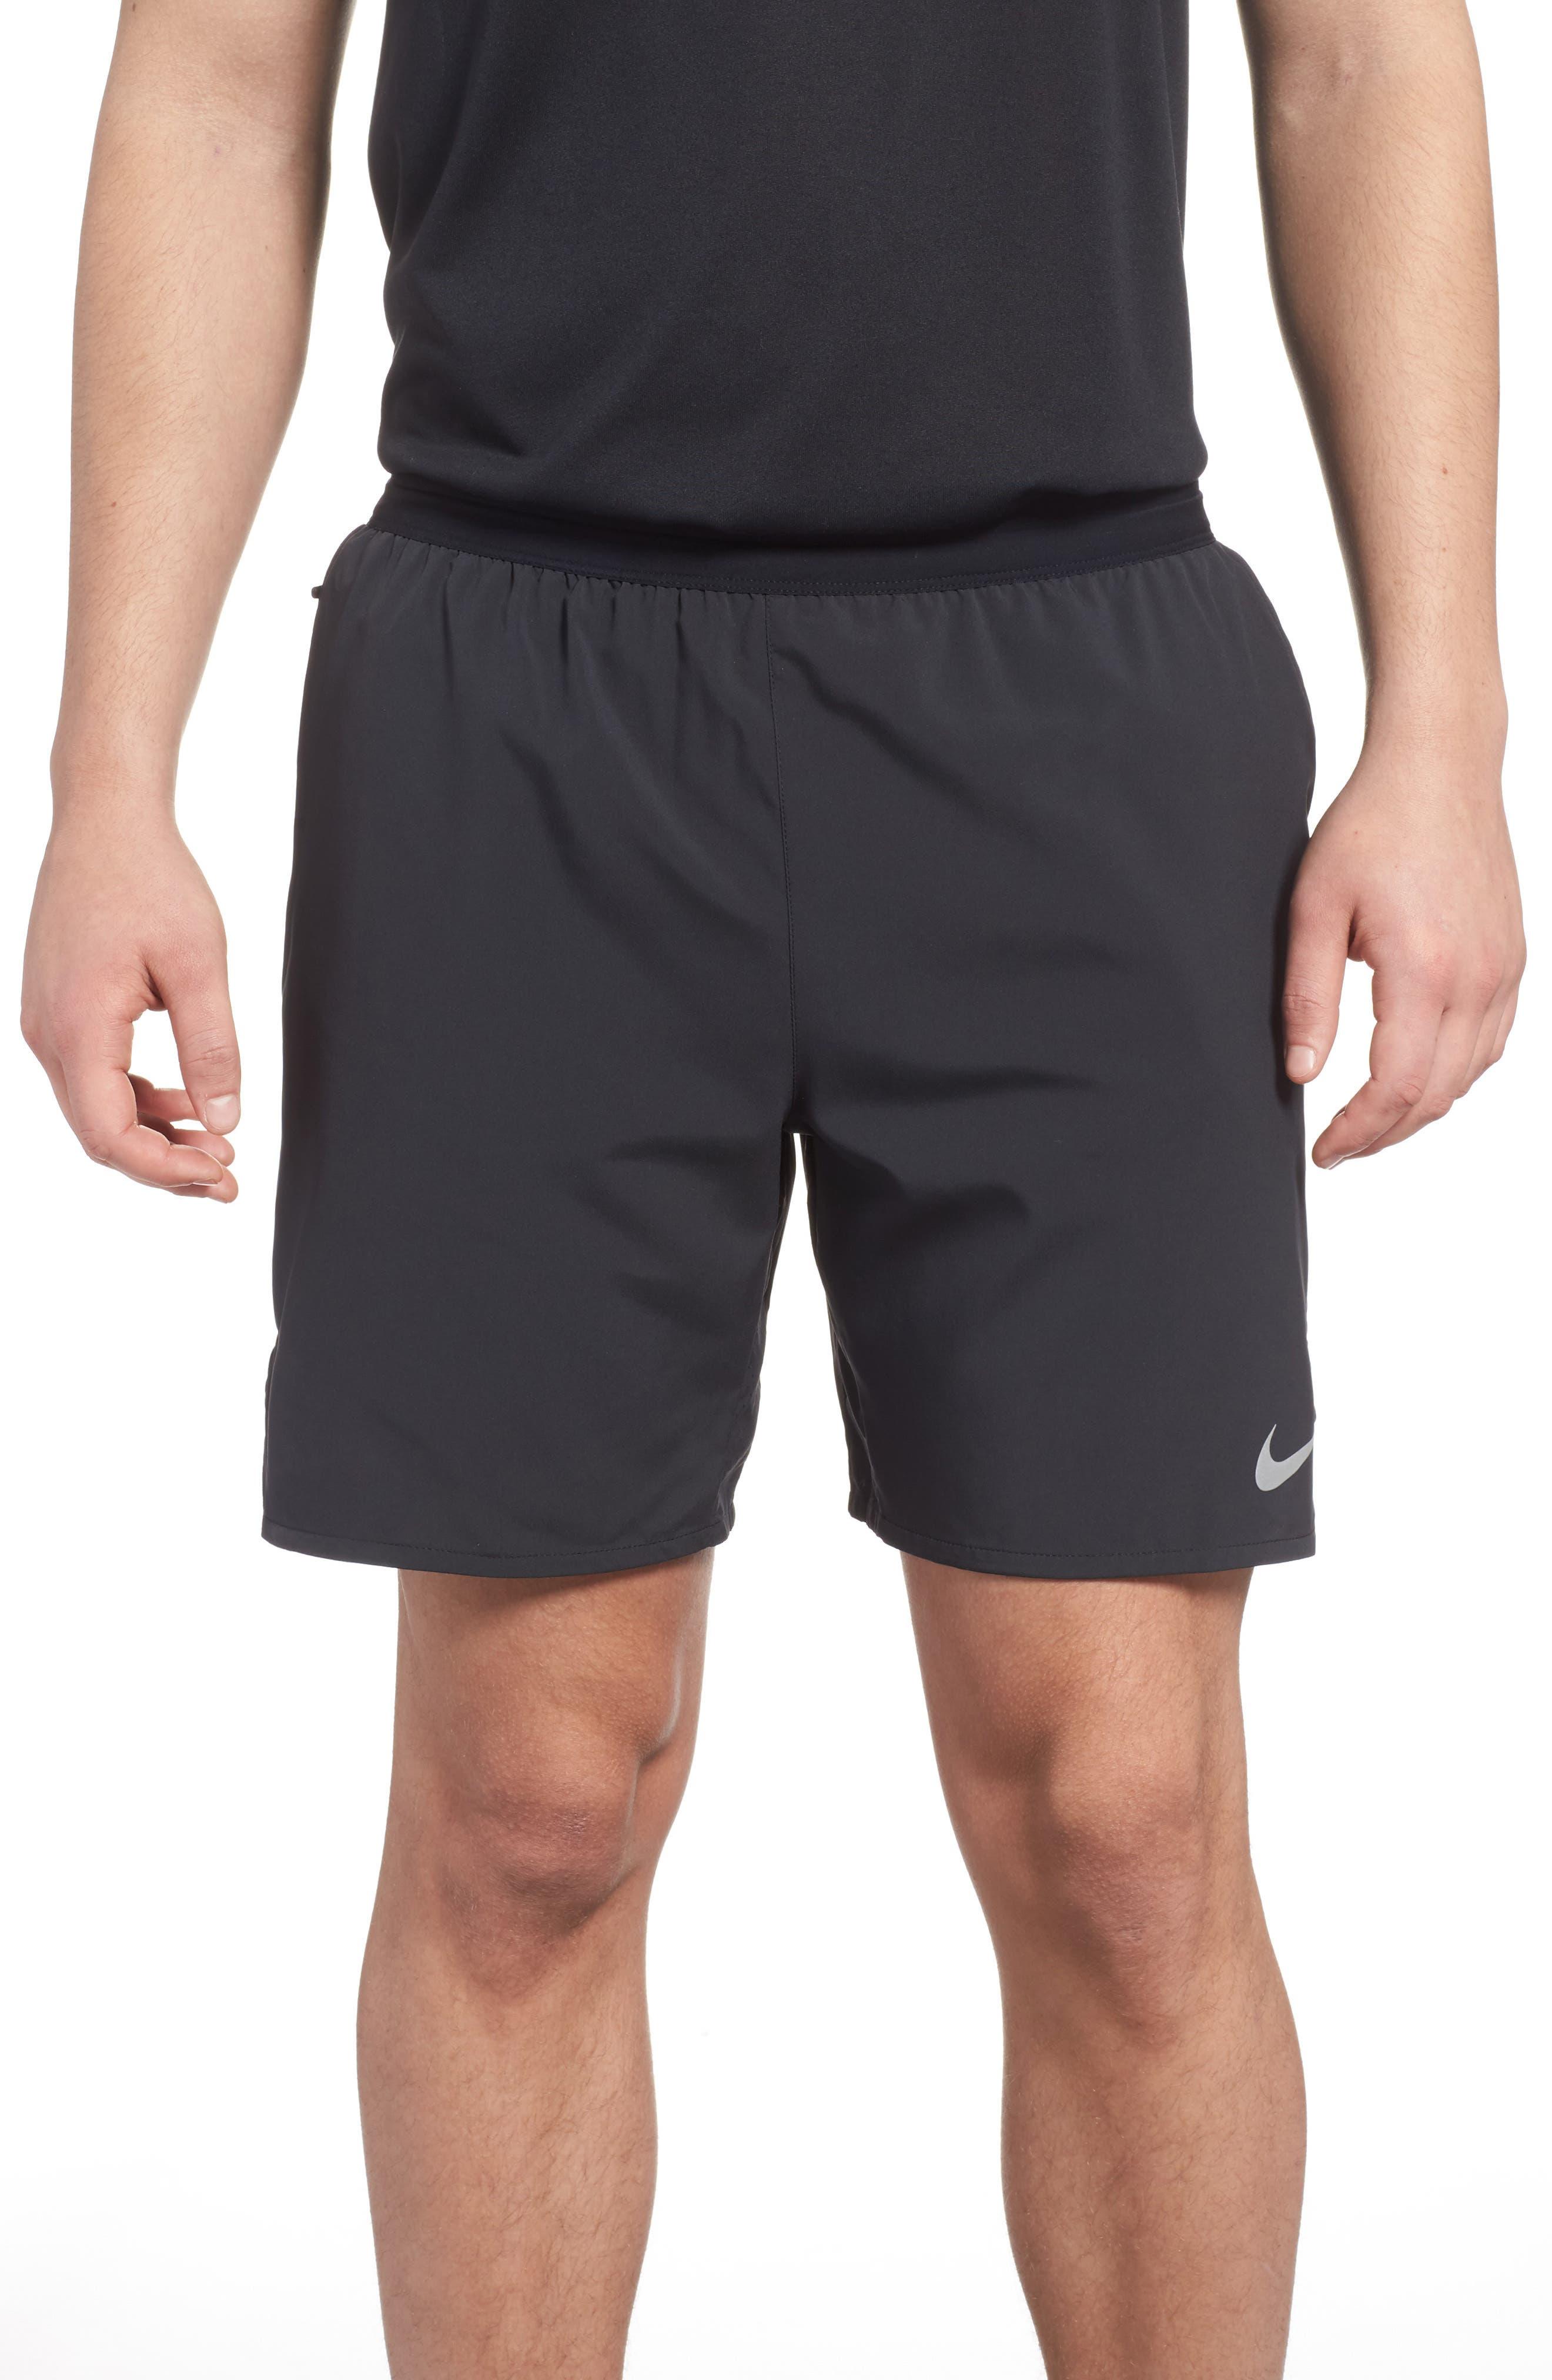 Flex Distance Shorts,                             Main thumbnail 1, color,                             Black/ Black